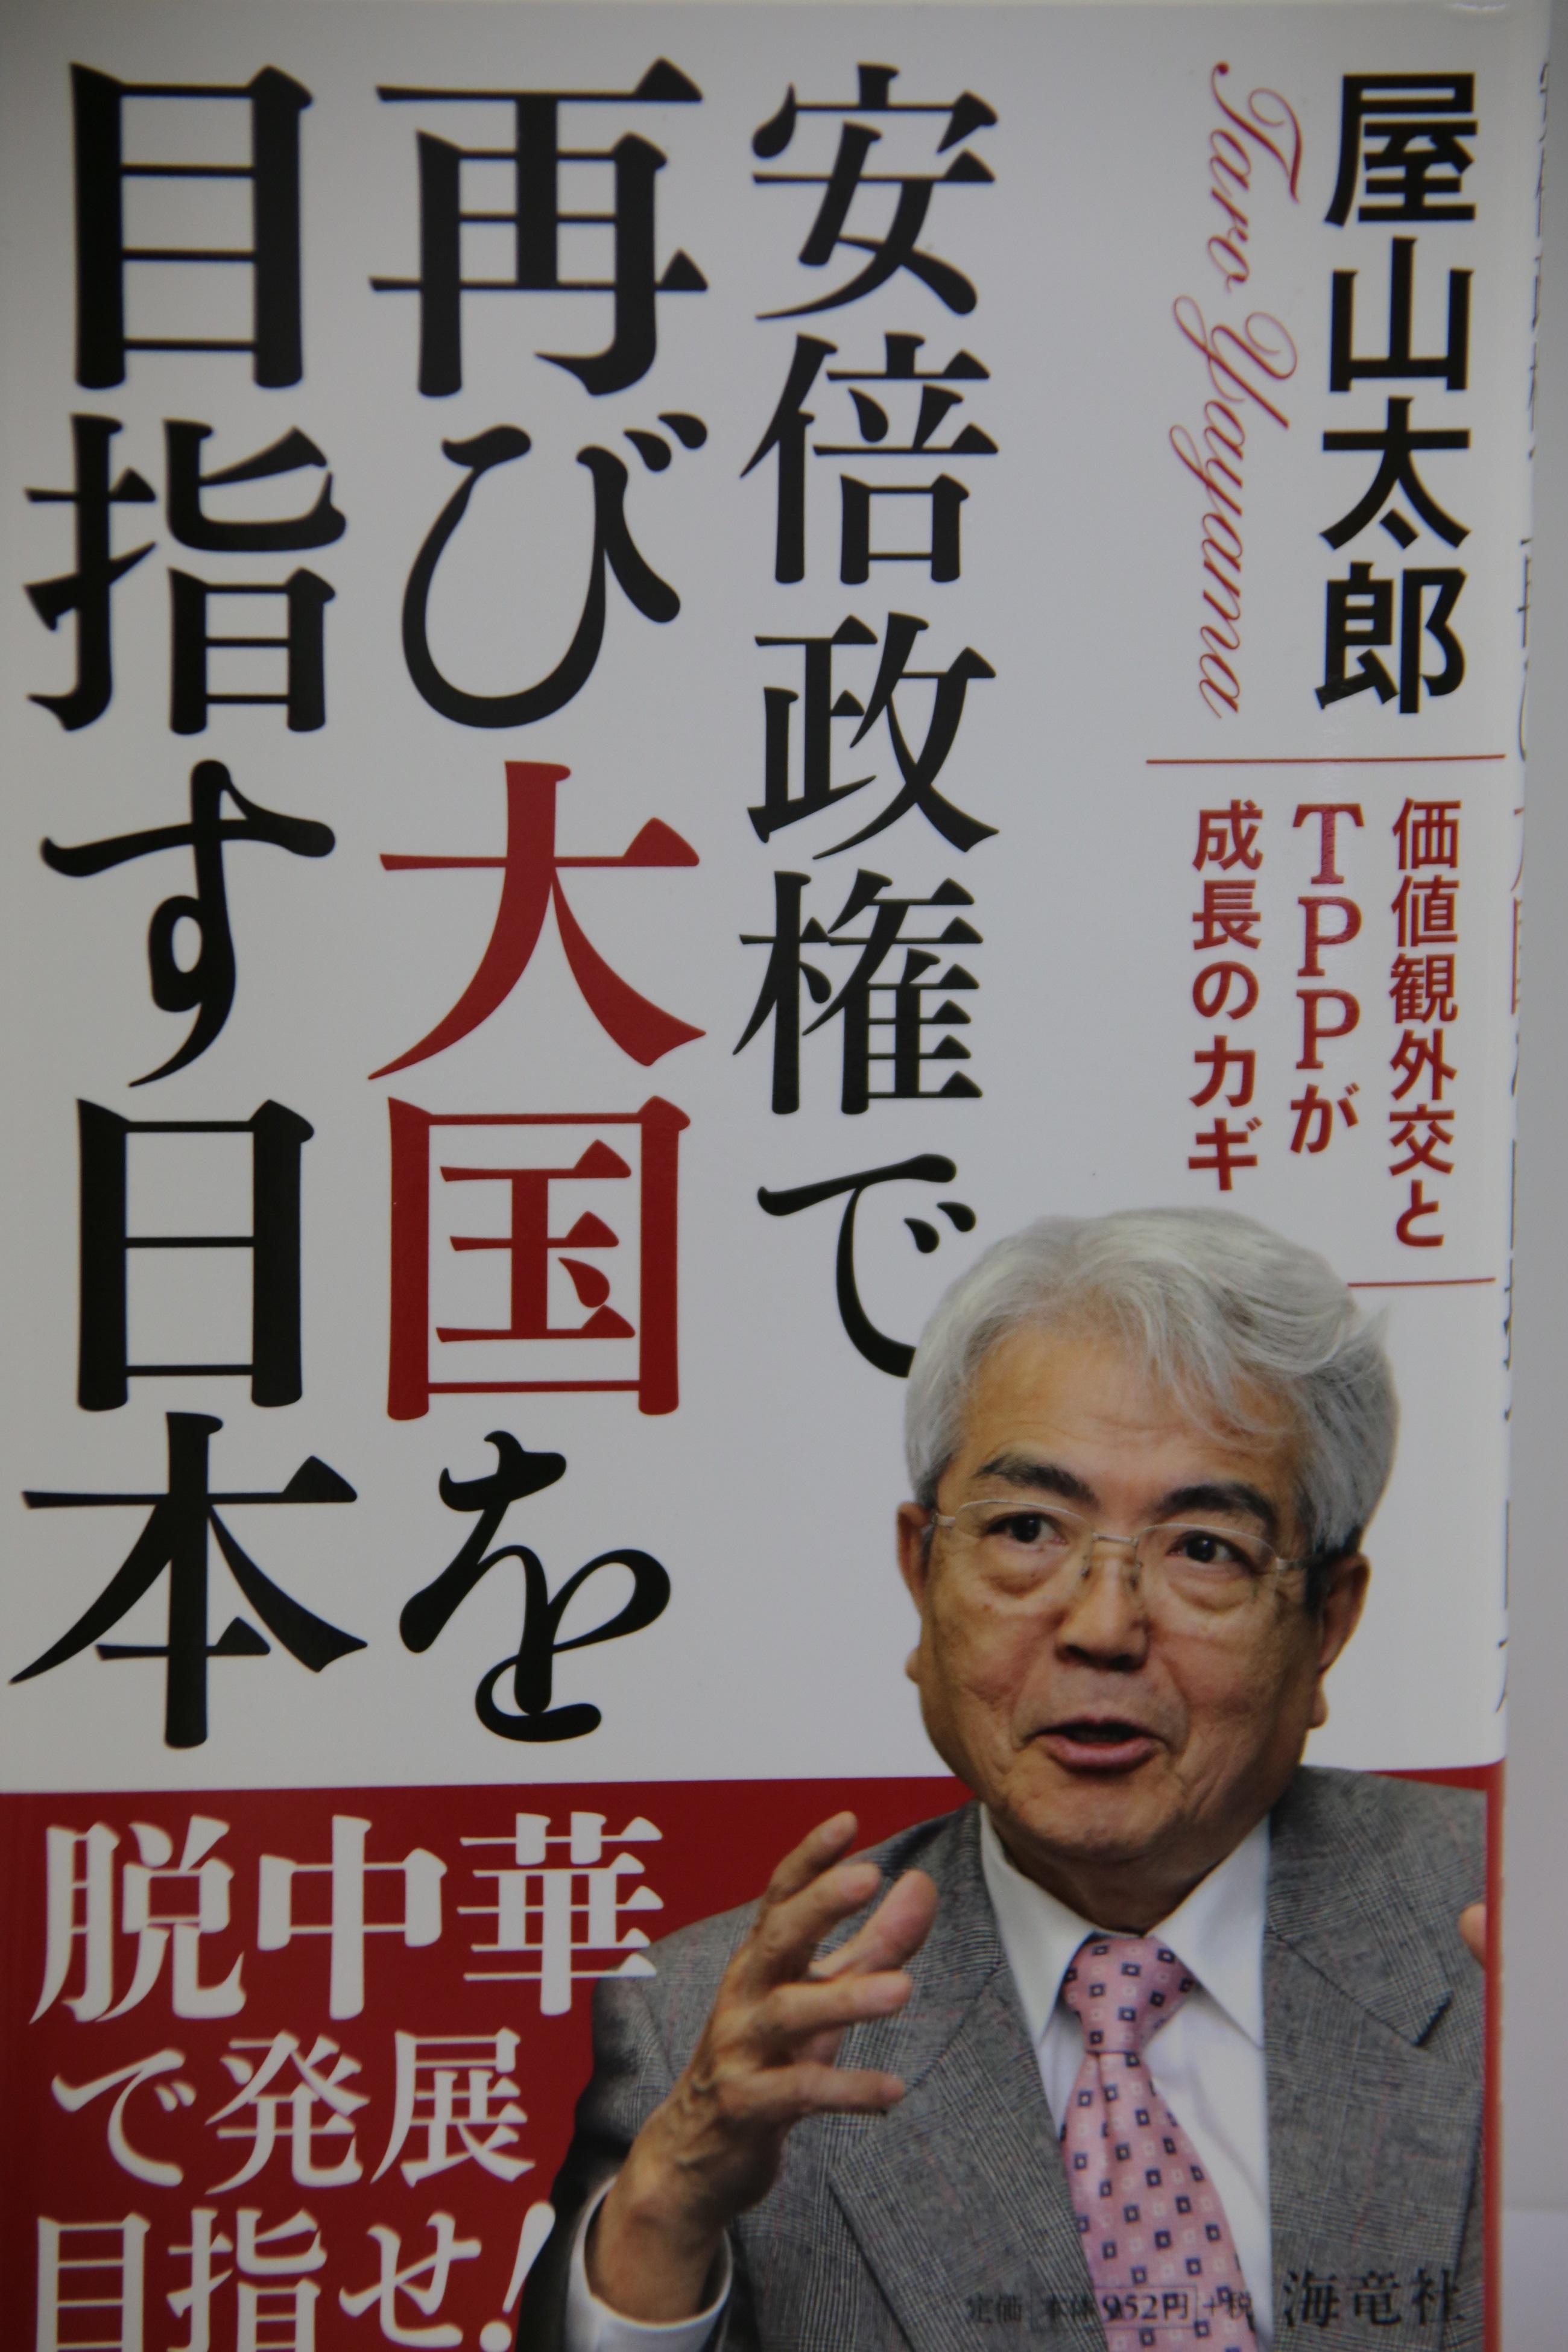 【自著自賛】安倍政権で再び大国を目指す日本